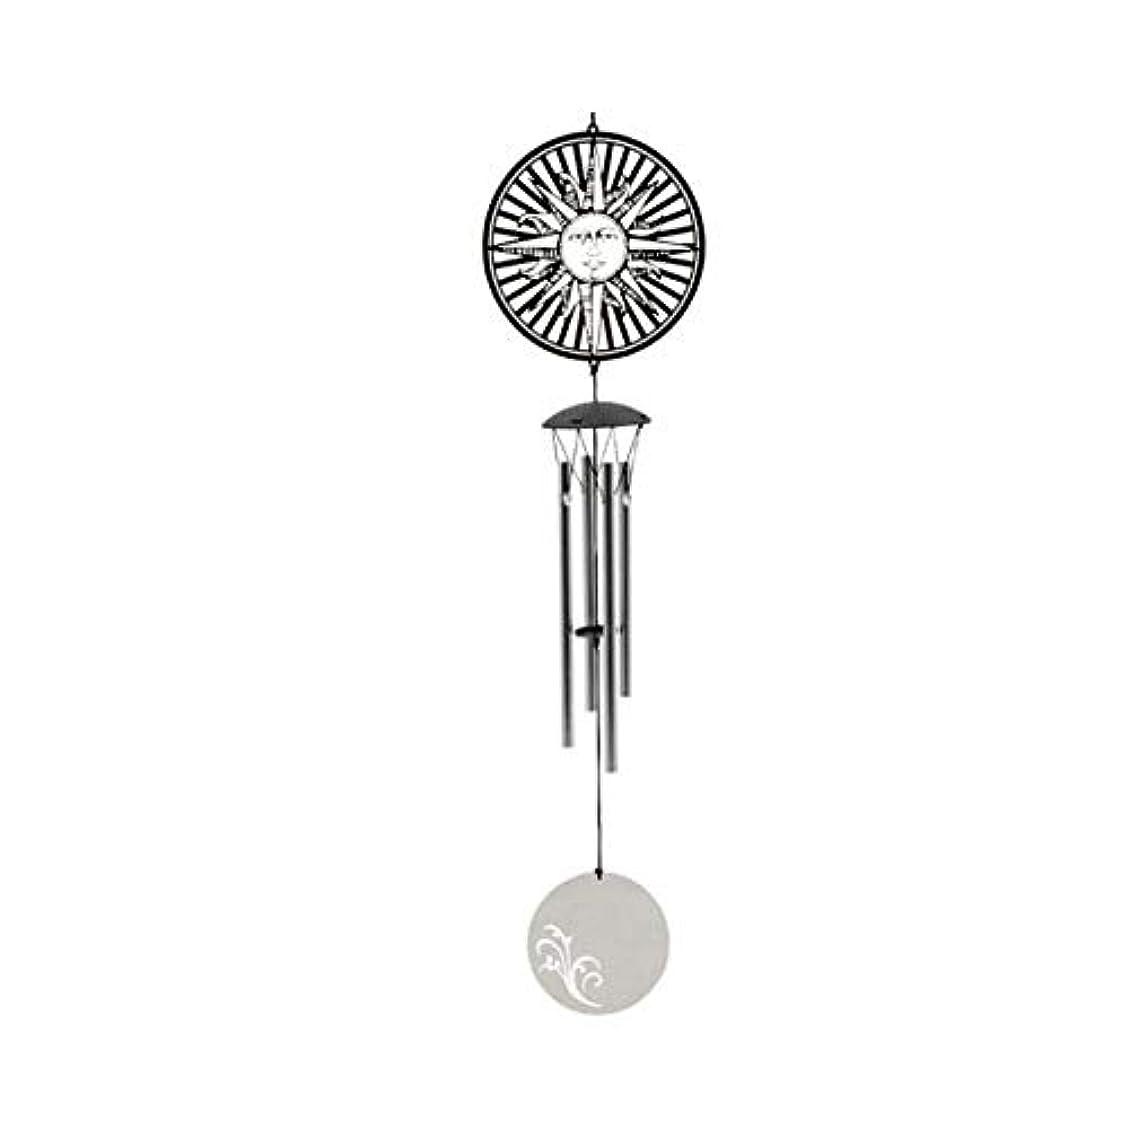 シートペルメル散らす風チャイム、メタルクリエイティブ4チューブ風の鐘、バレンタインデーの誕生日ギフト、ホームデコレーション、サイズ47.5 Cmを (Color : 8)